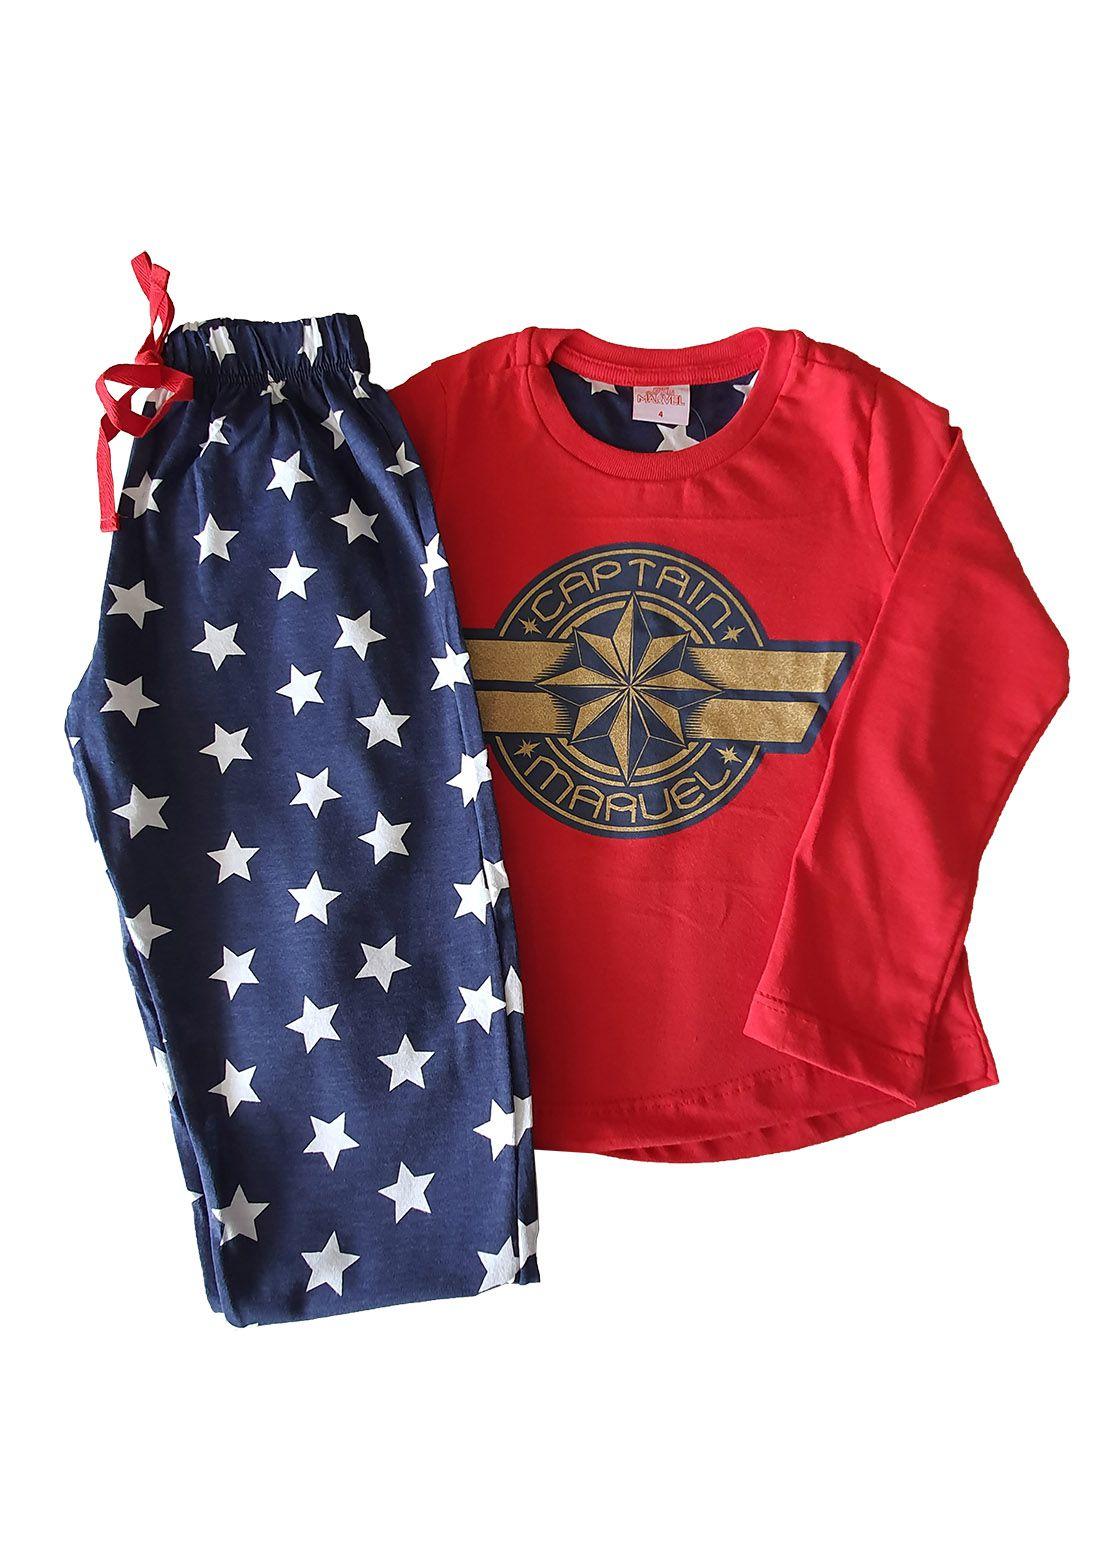 Pijama Infantil Camiseta Manga Longa e Calça Evanilda  Capitain Marvel Vermelho e marinho